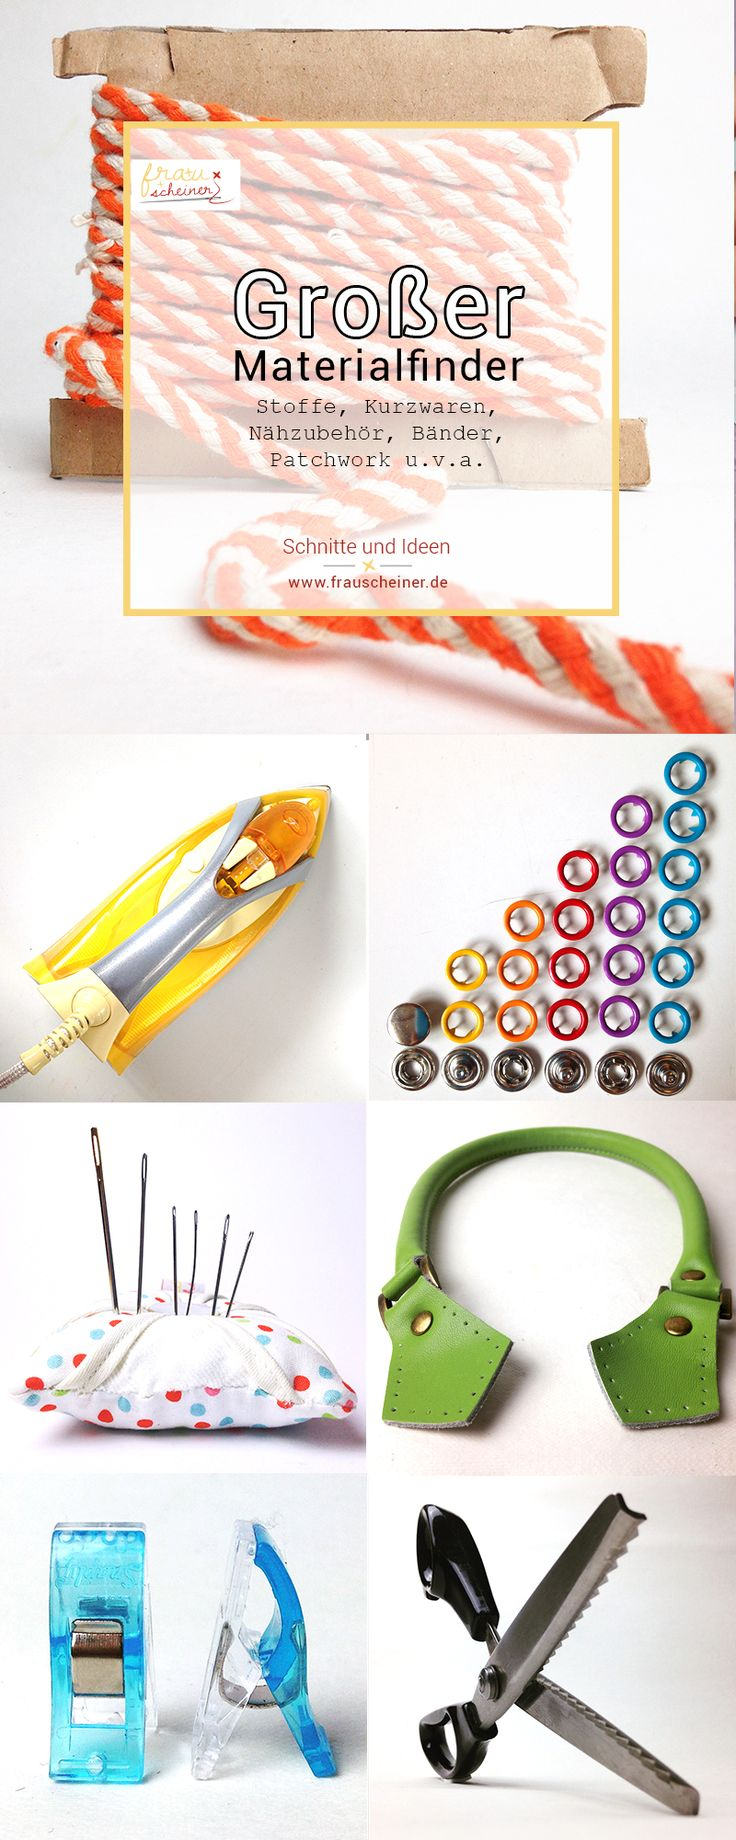 Großer Materialfinder für Stoffen, Kurzwaren, Nähzubehör, Bänder, Scheren, Druckknöpfe, Kordeln, Nadeln, Nähmaschine, Vlieselineund viele mehr für Dein nächstes Nähprojekt, nähen, Schnittmuster